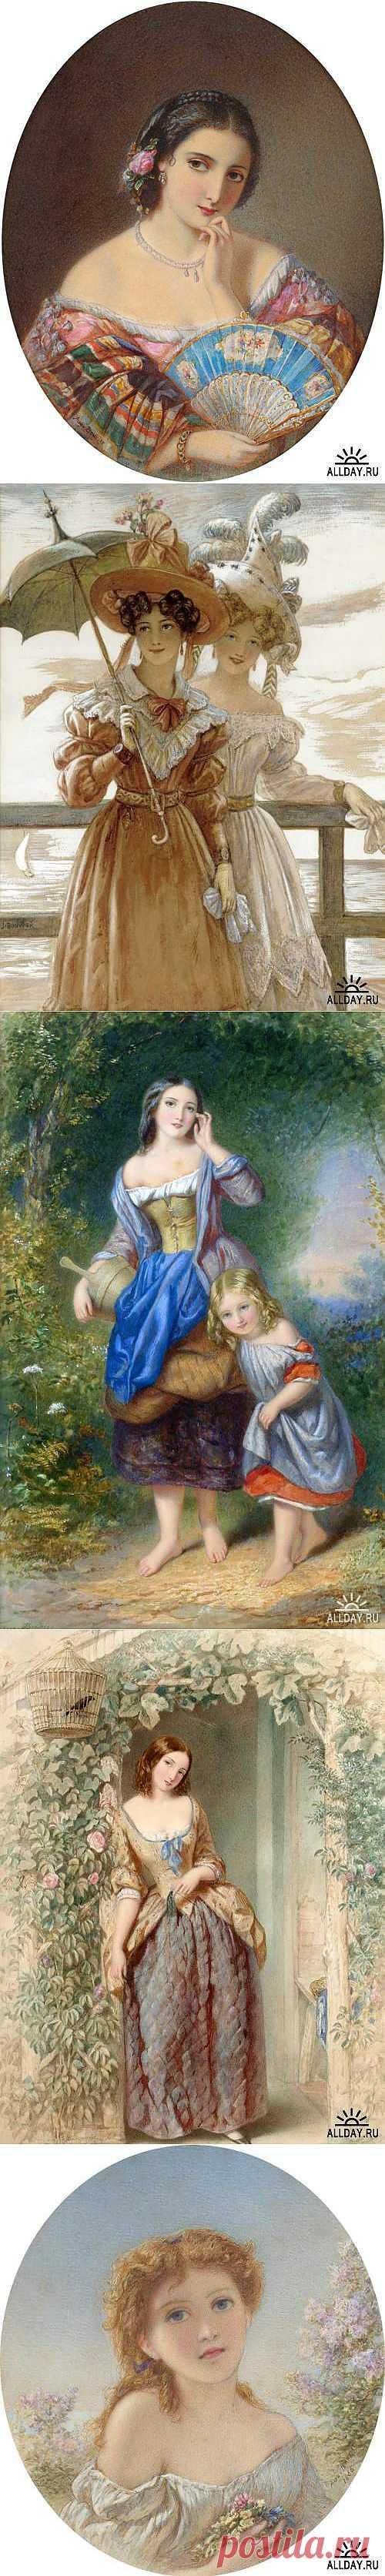 Английский художник Augustus Jules Bouvier (1827–1881) » ALLDAY - народный сайт о дизайне